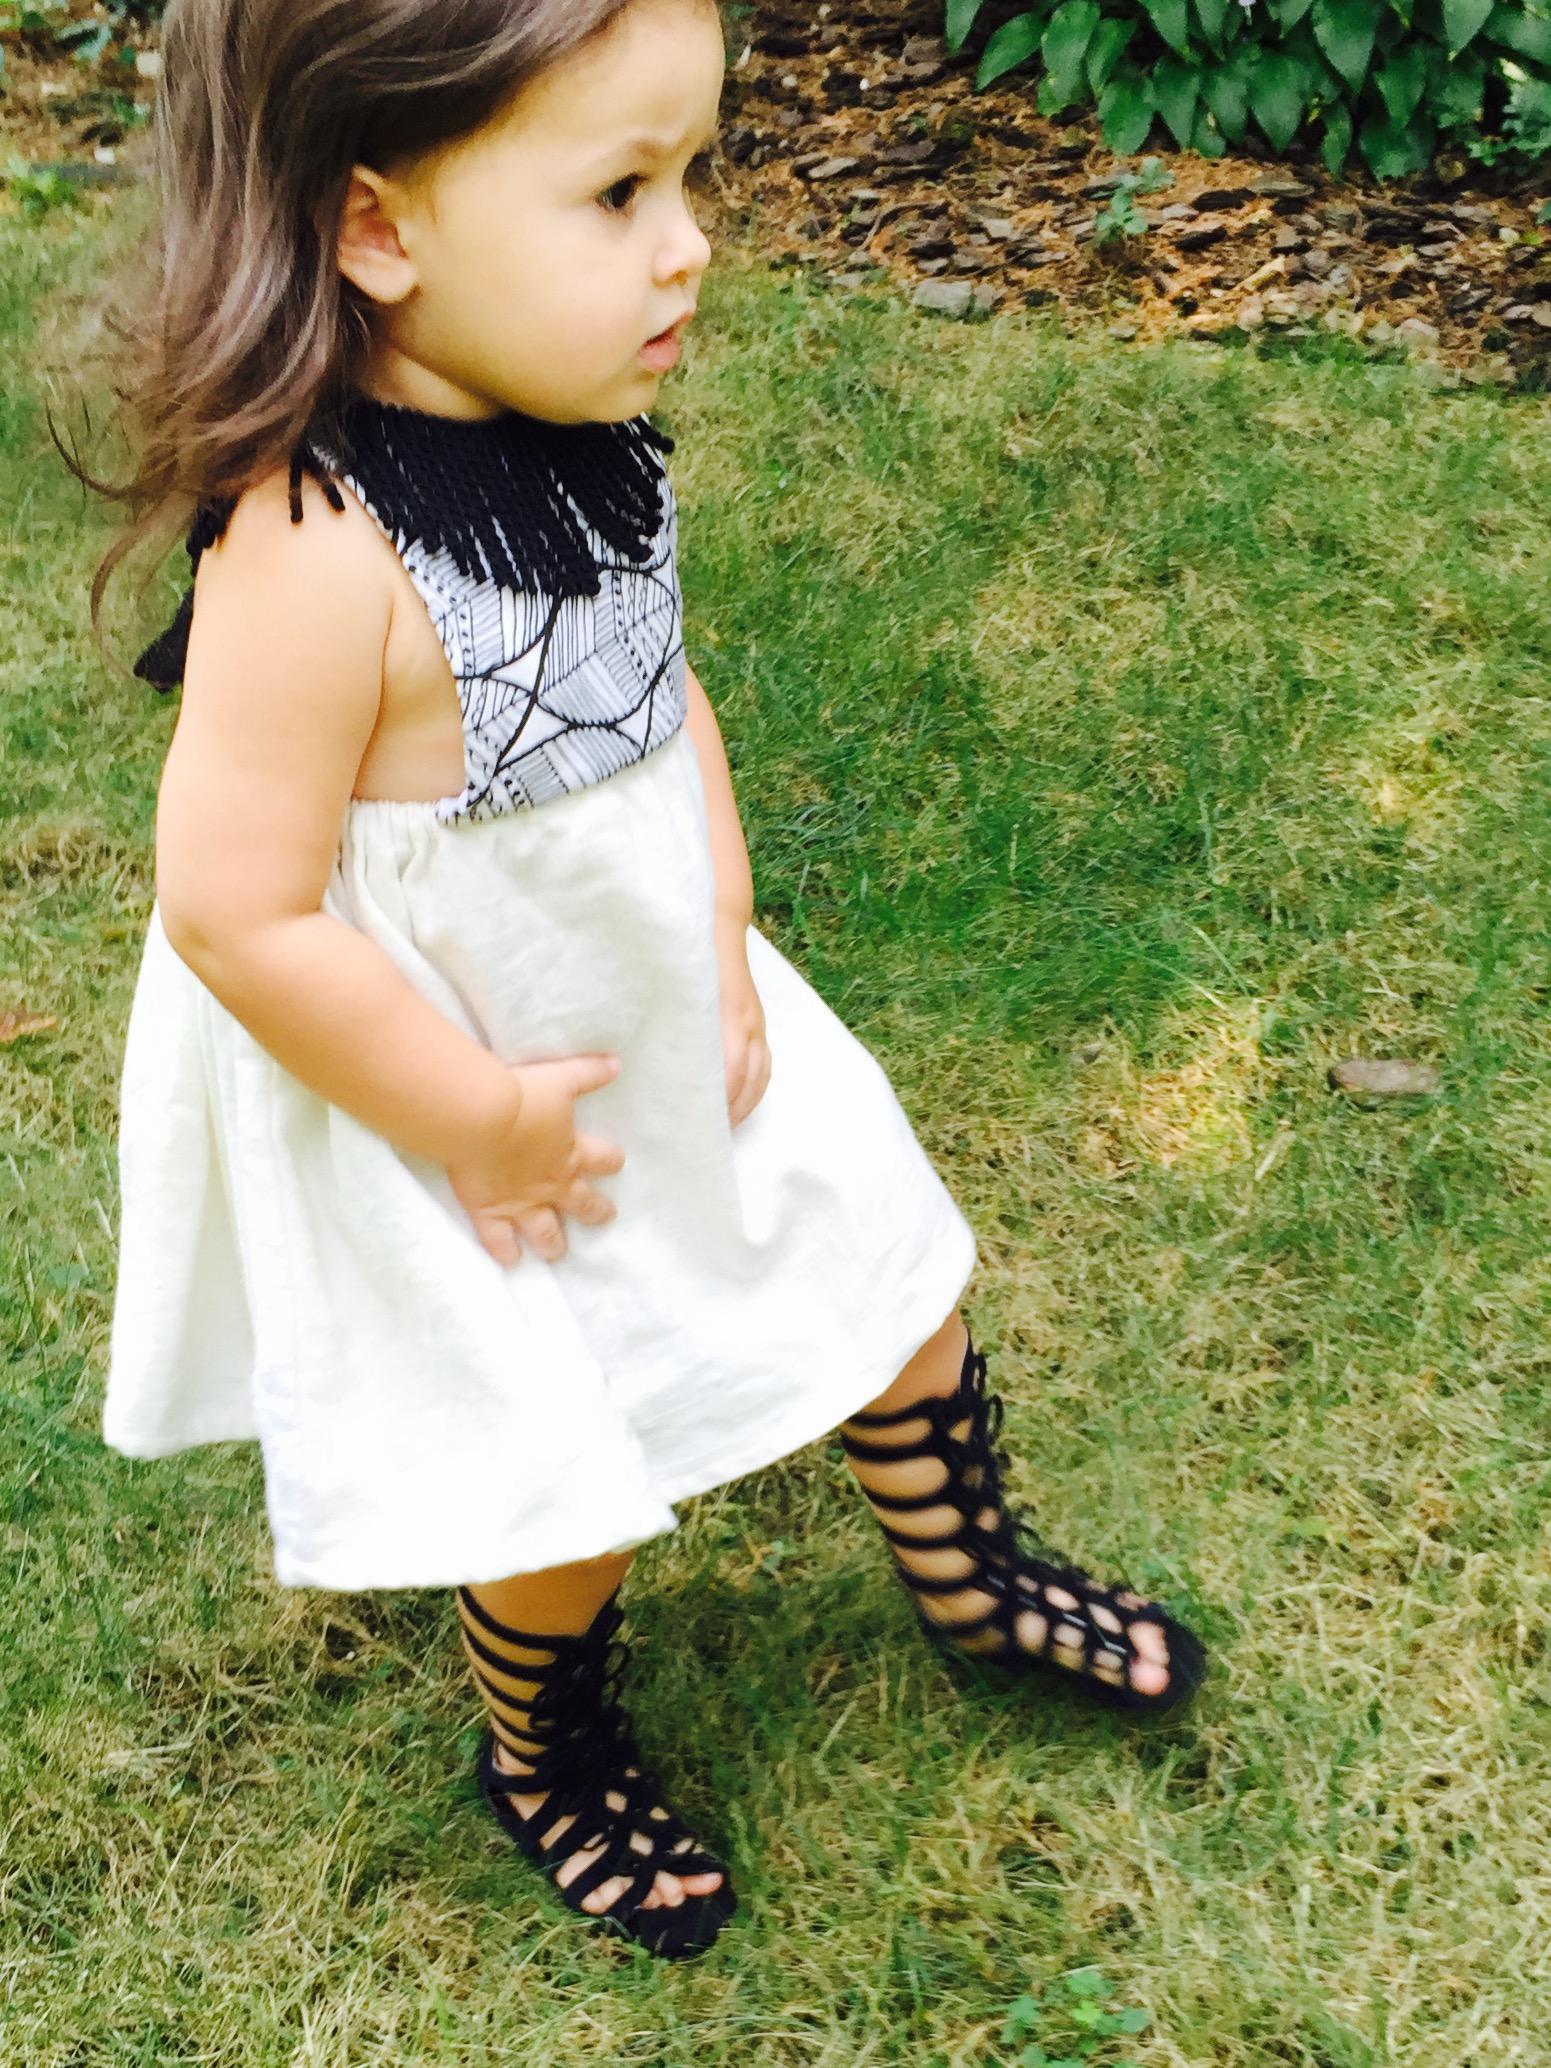 Retro Boho Dress for Girls Vintage Fabric Handmade Boho Dress